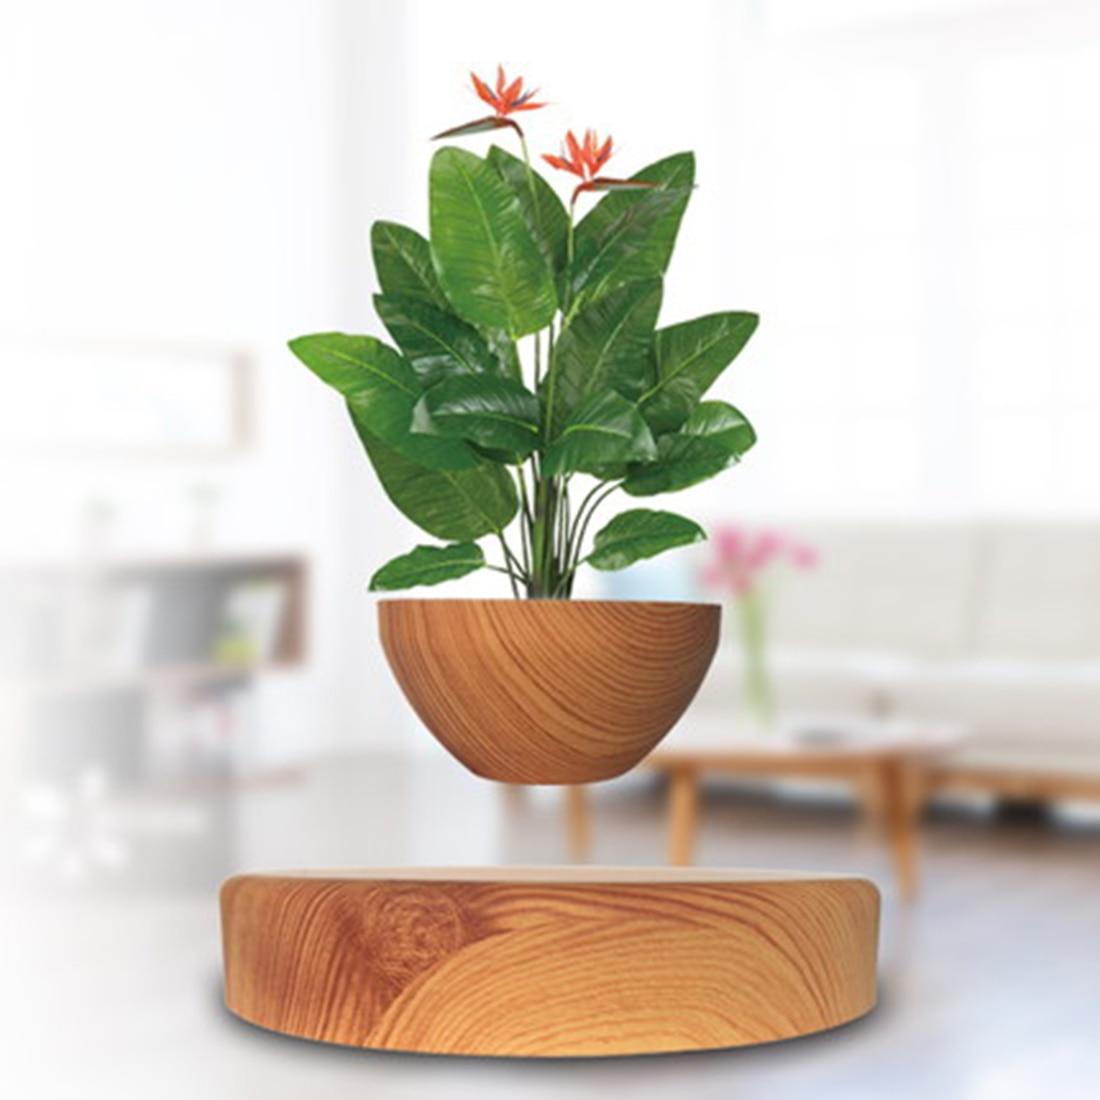 VICTMAX Magnétique Lévitation Air Bonsaï Décor Art En Pot Ciel Succulent Plantpot Géomancie Ornements Avec NOUS/EU Plug Creative Cadeau